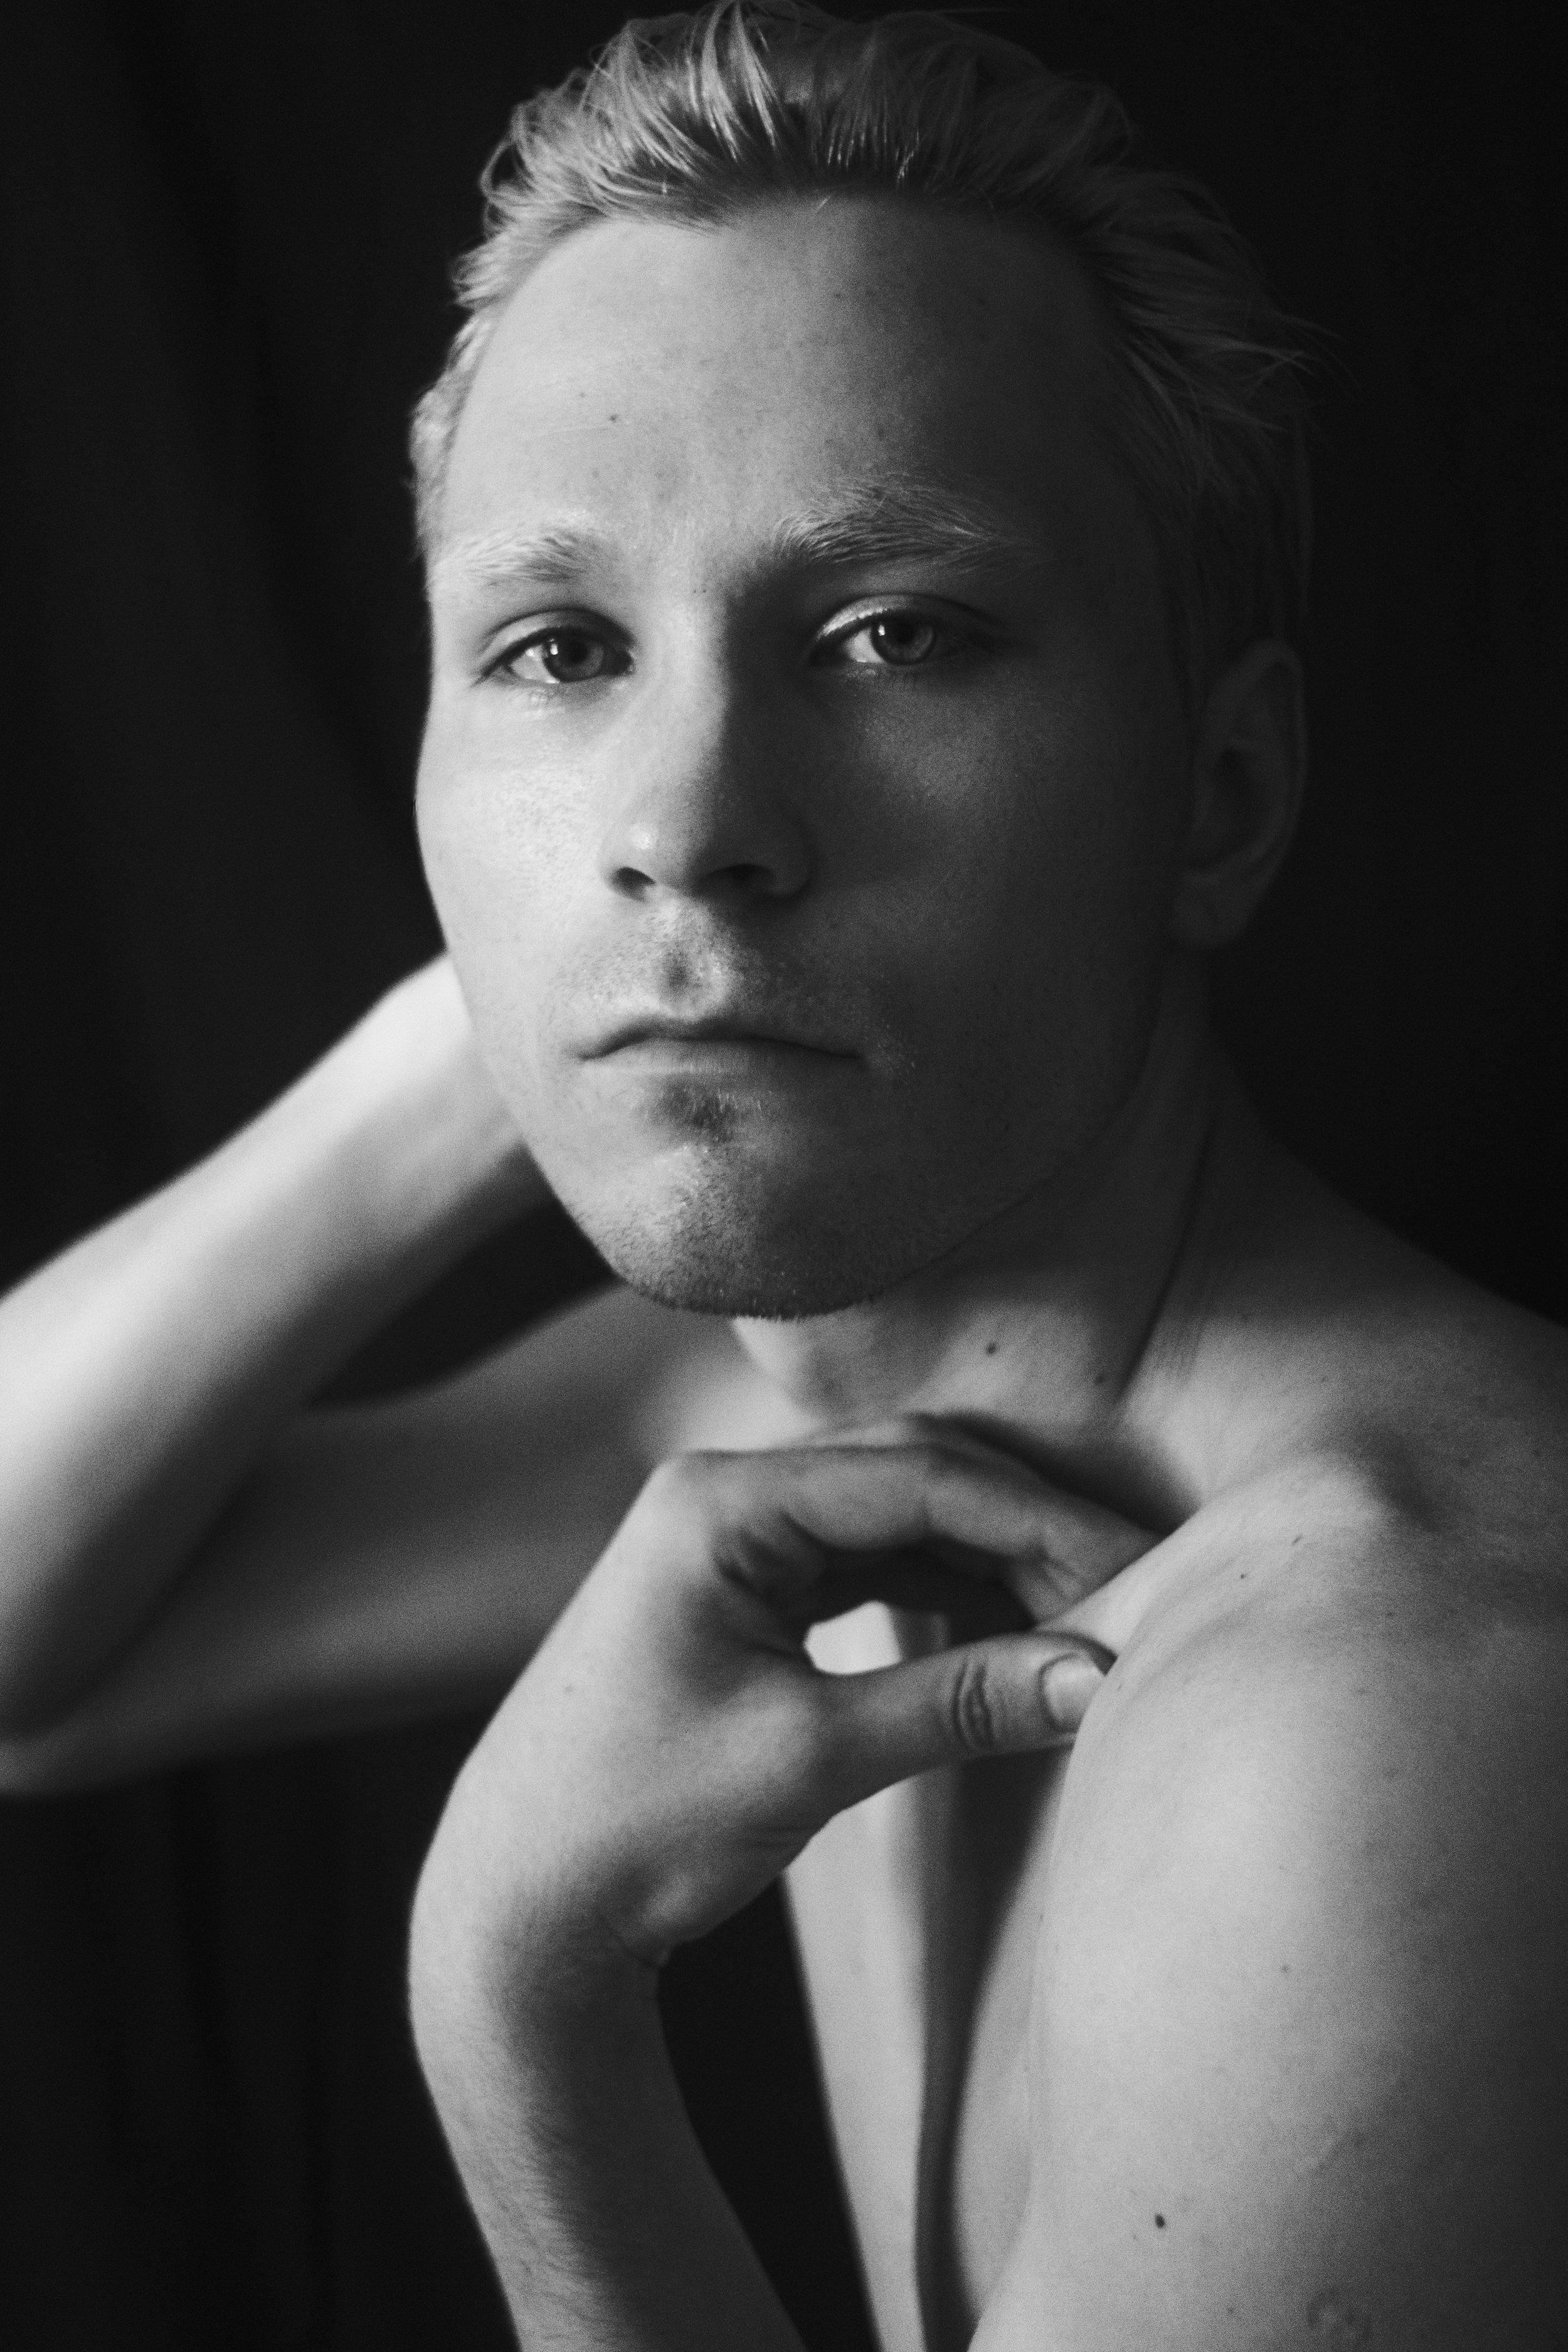 Nikolai_11.jpg